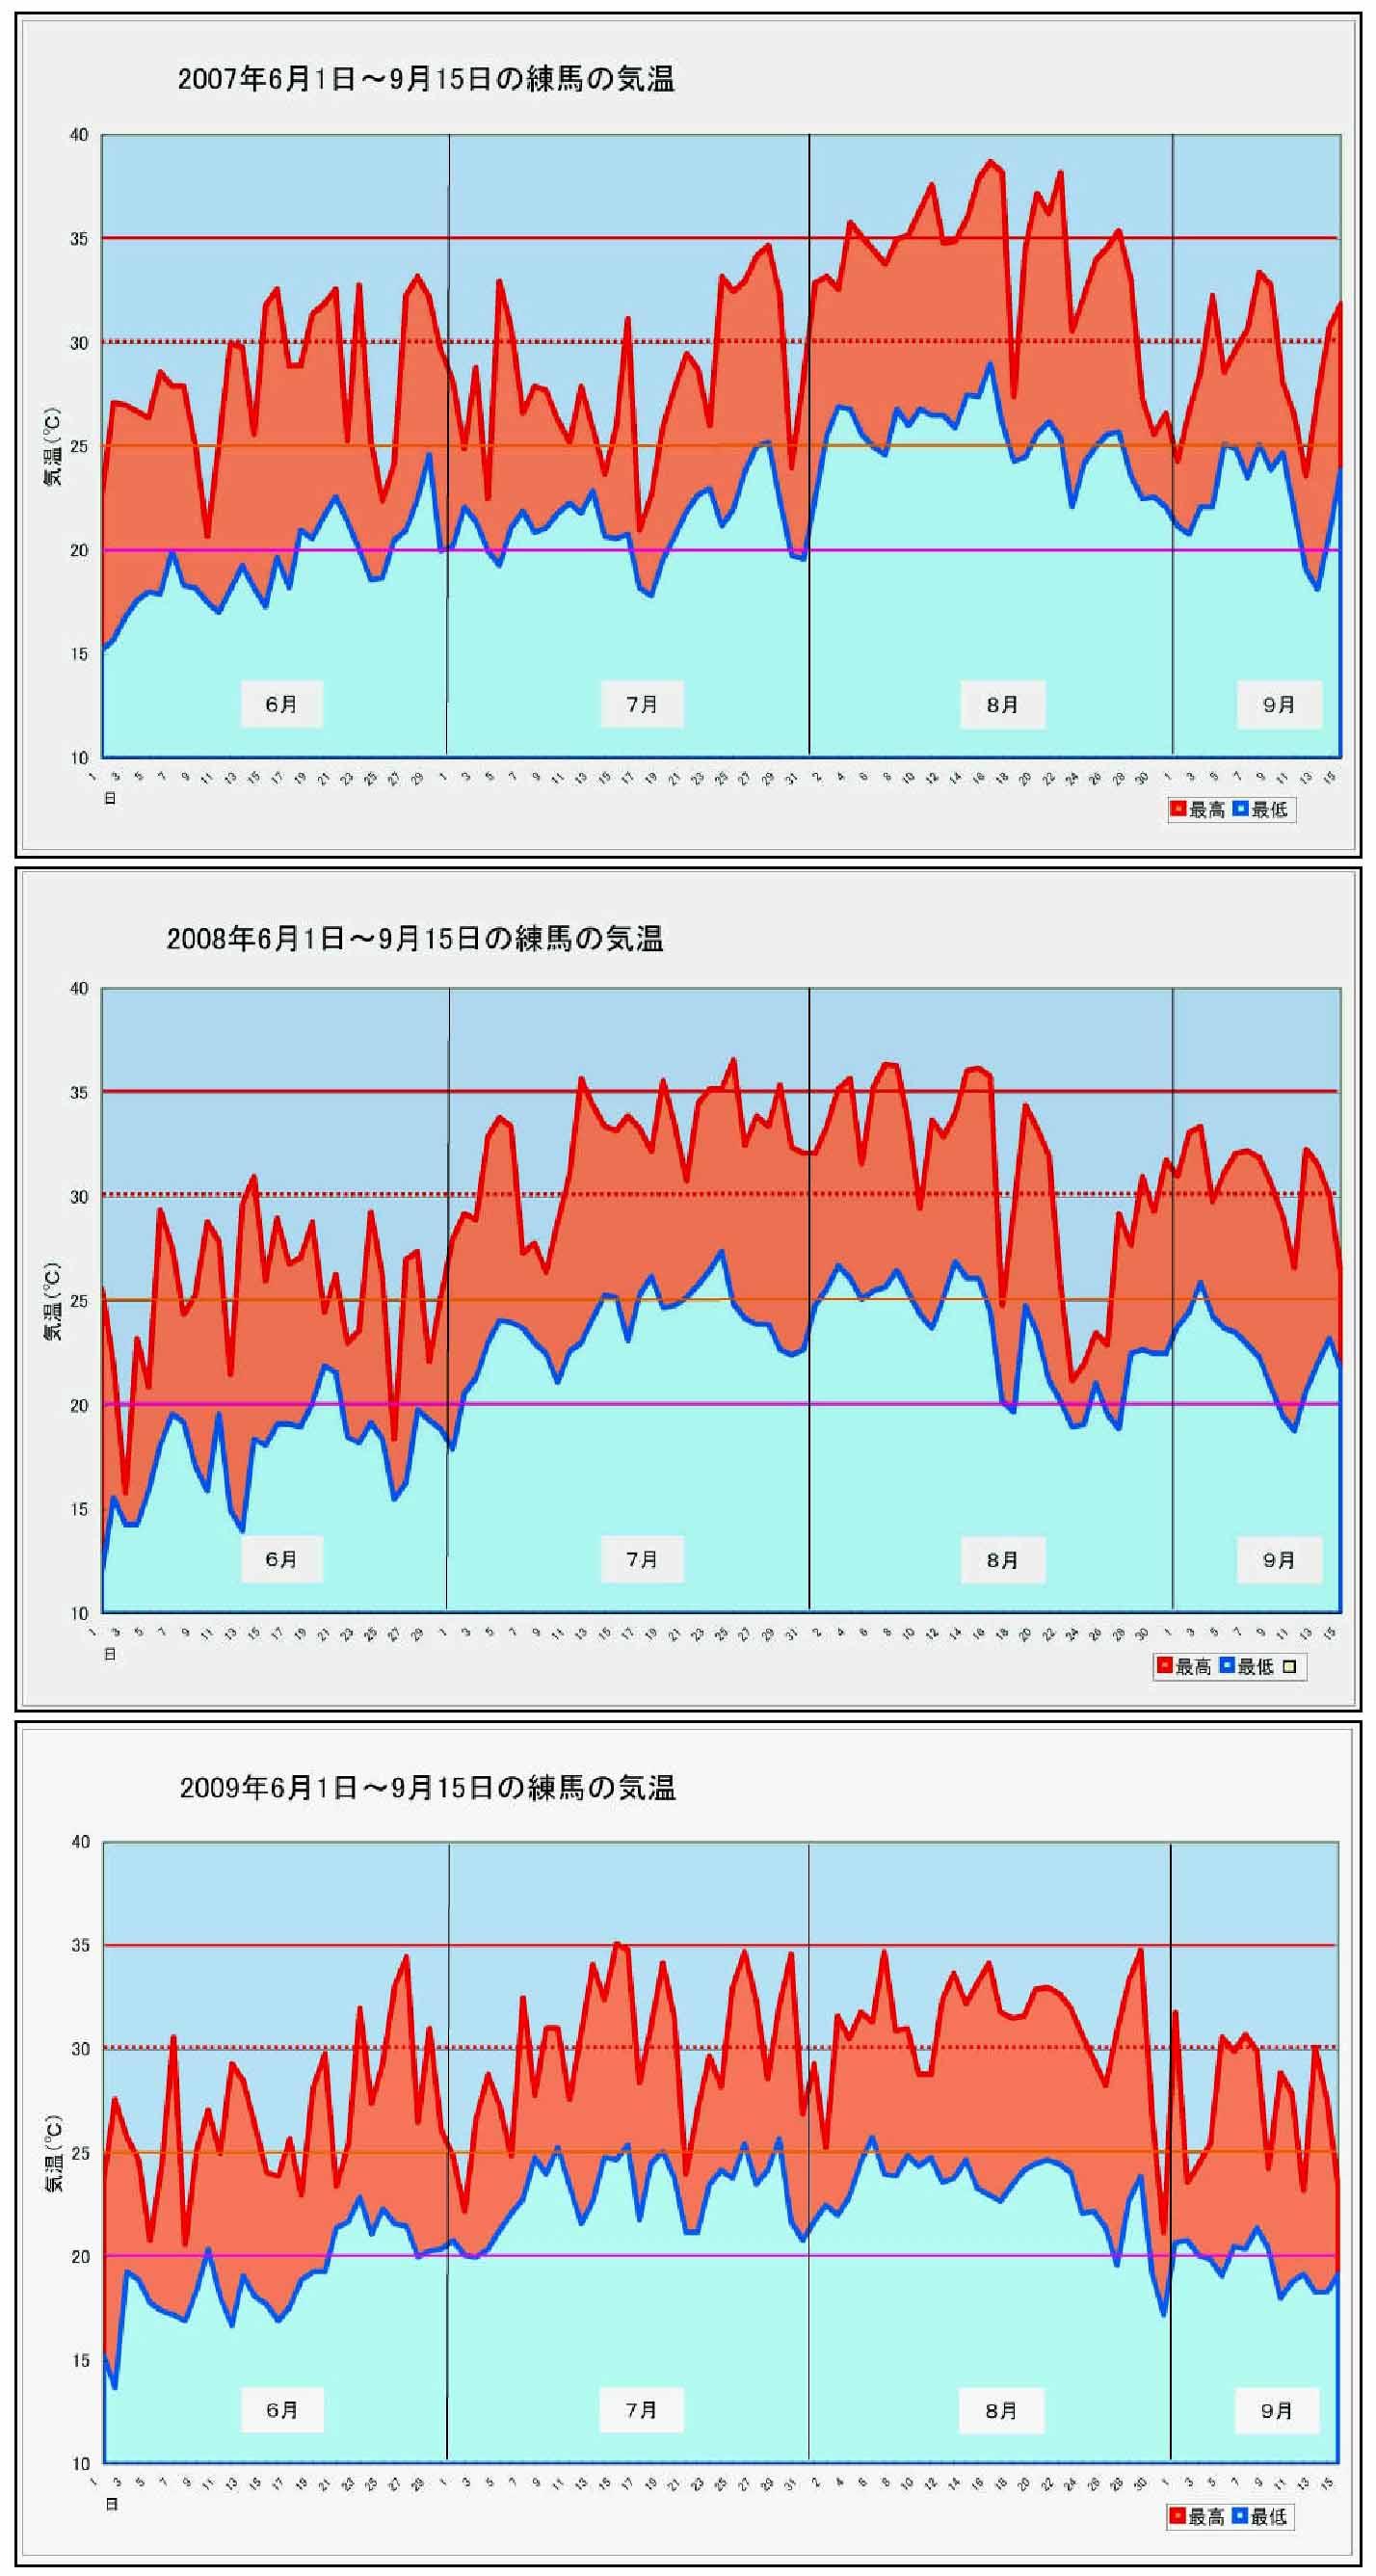 6~9月の気温(練馬)グラフ(2007-2010)